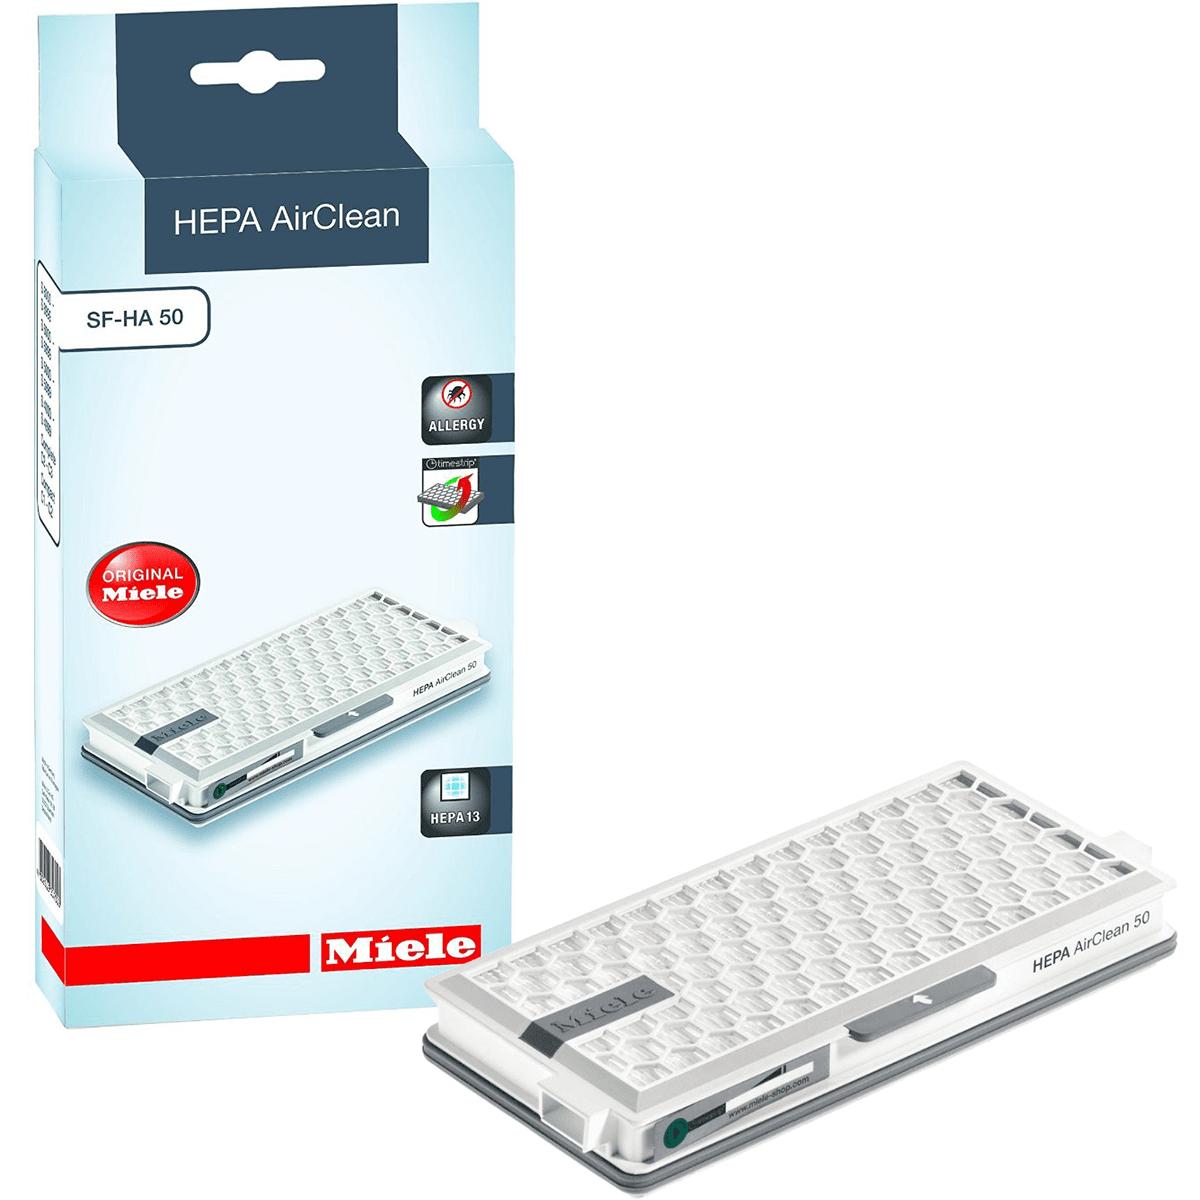 Miele SF-HA50 HEPA AirClean Filter mi3575